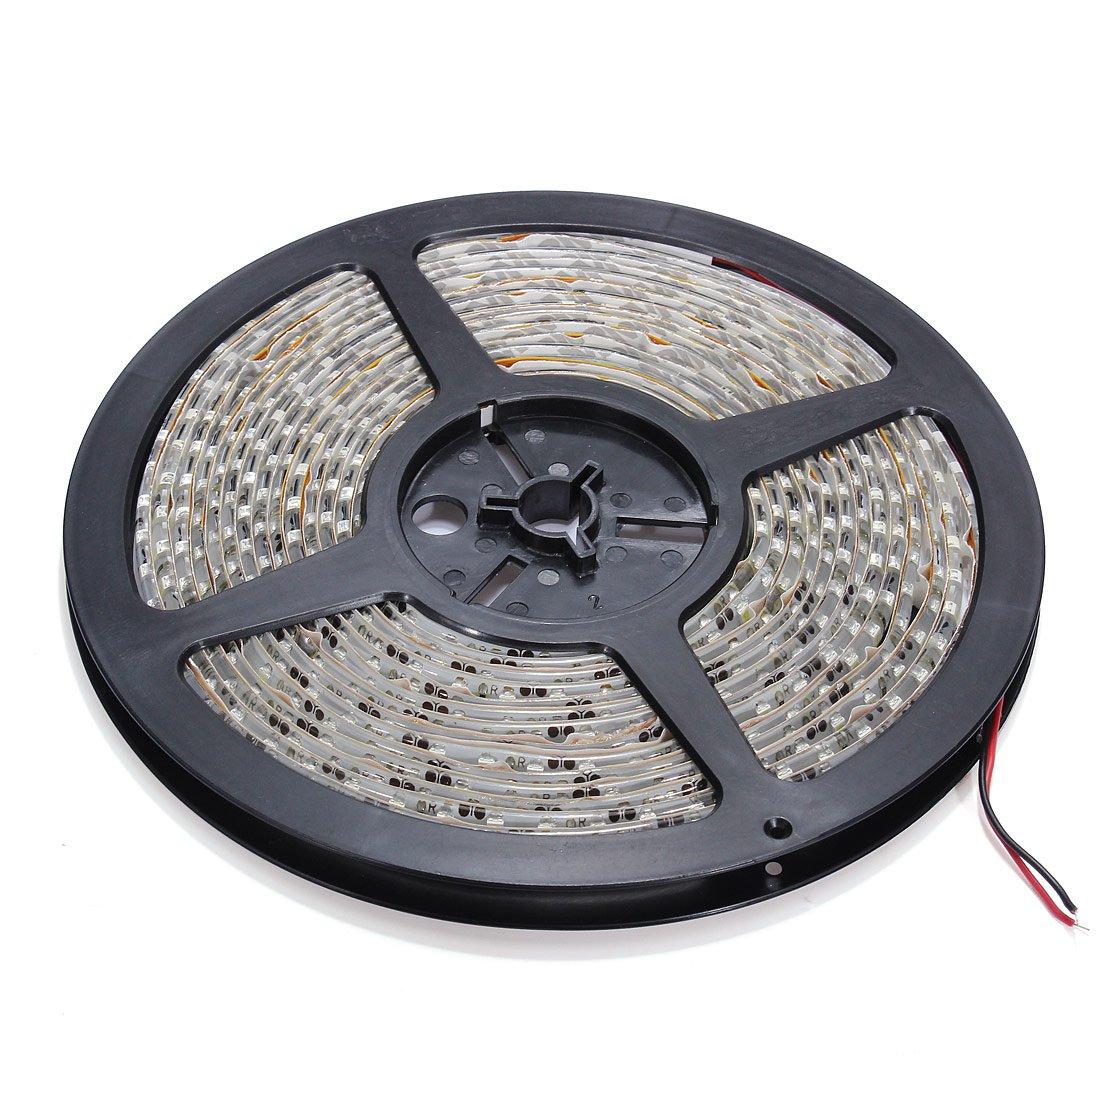 SODIAL (R) 5 м 600 SMD 3528 белый Водонепроницаемый Светодиодные ленты шатер полосы света холодный IP65